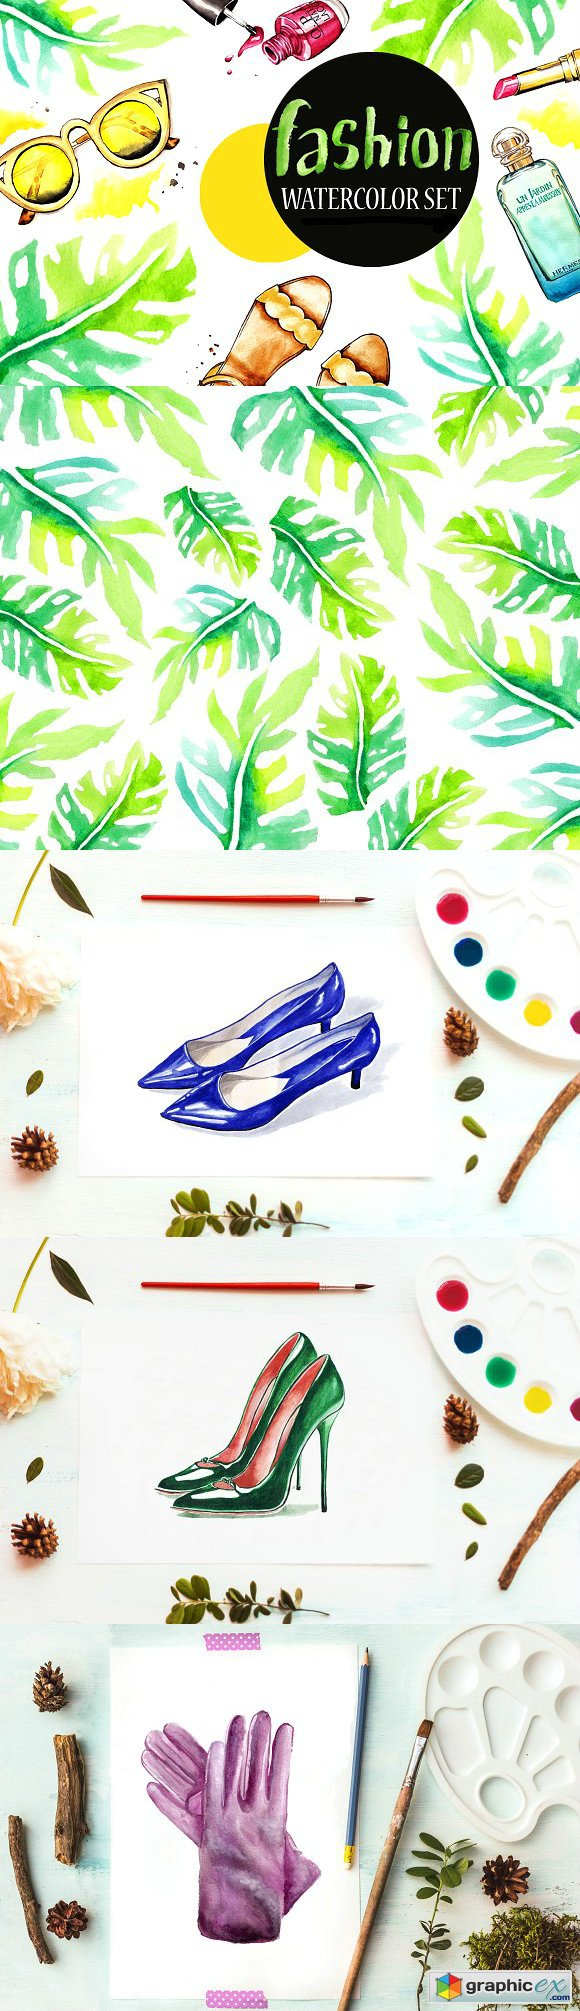 Fashion watercolor set